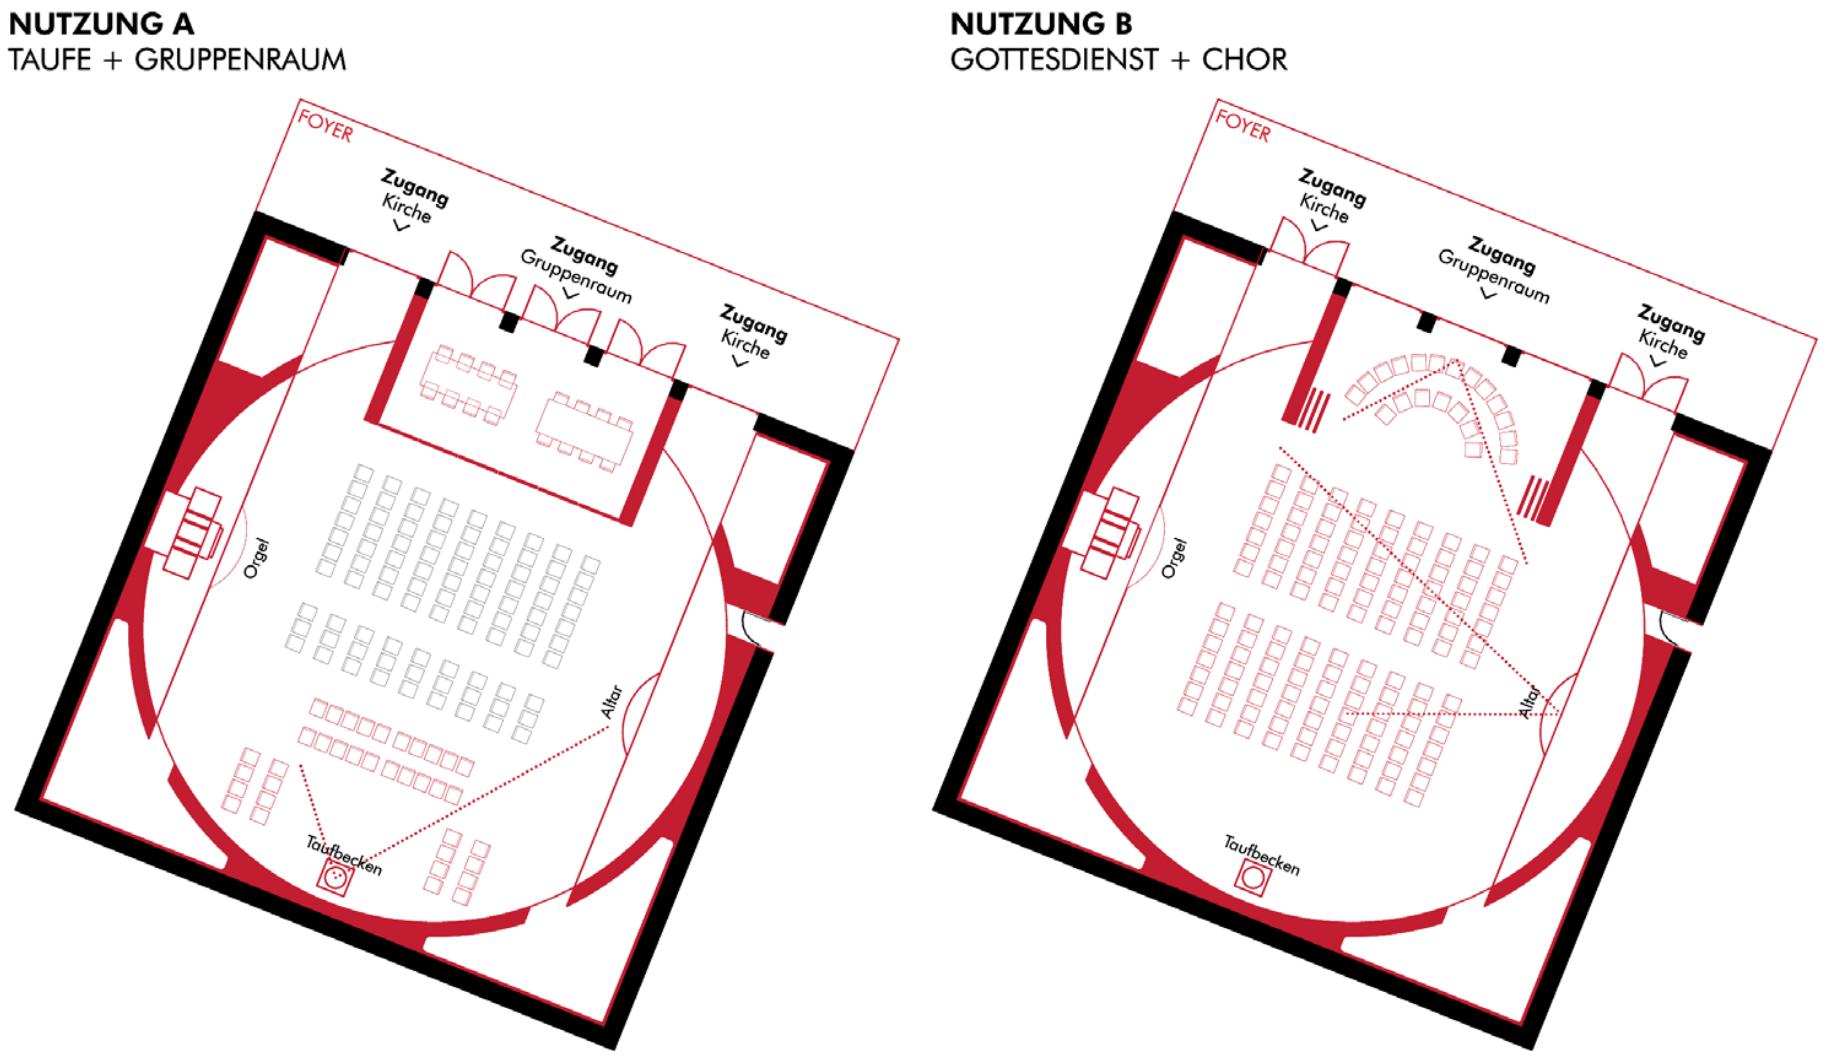 Piktogramm der Kreuzkirchengemeinde in Celle Wettbewerb Gutachterverfahren